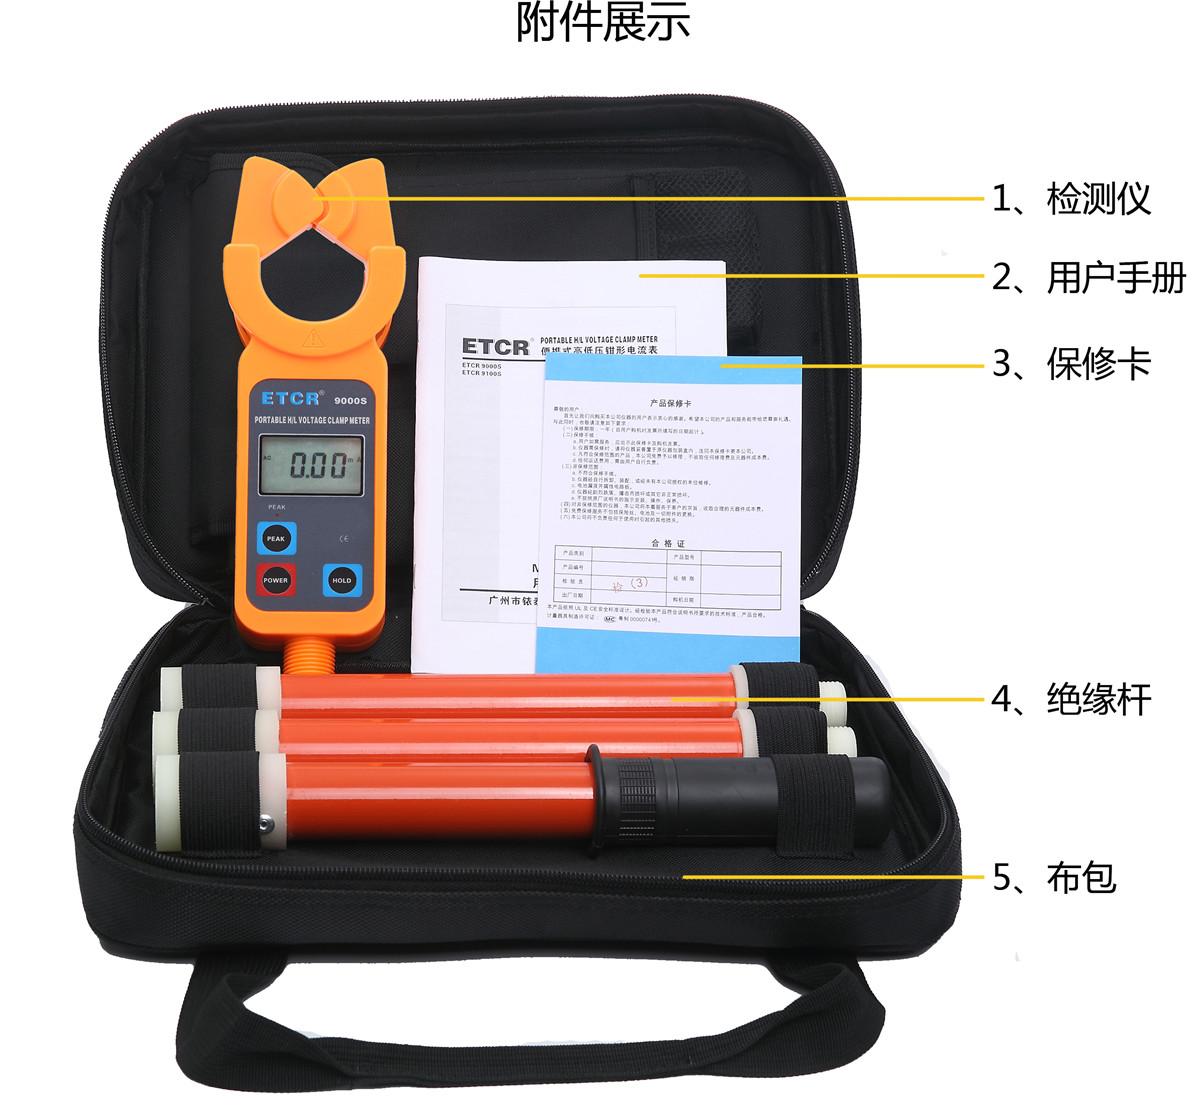 ETCR9000S便携式高低压钳形漏电流表